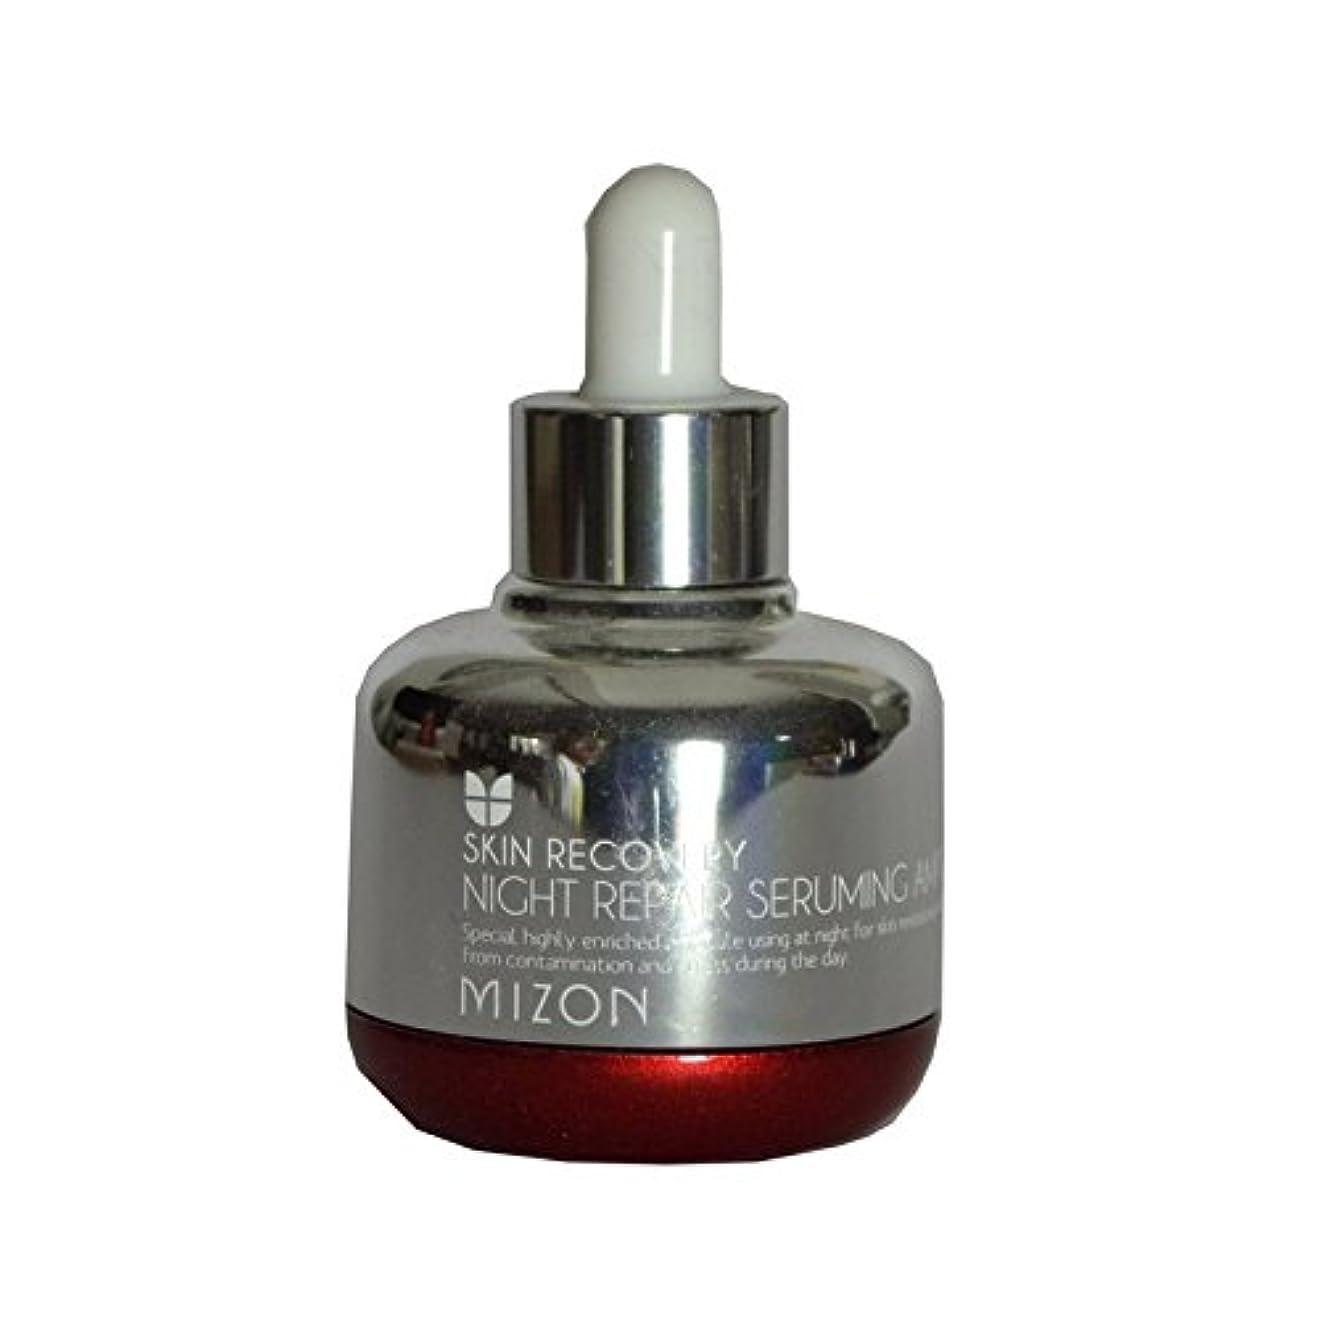 Mizon Night Repair Seruming Ampoule - アンプルを ナイトリペア [並行輸入品]